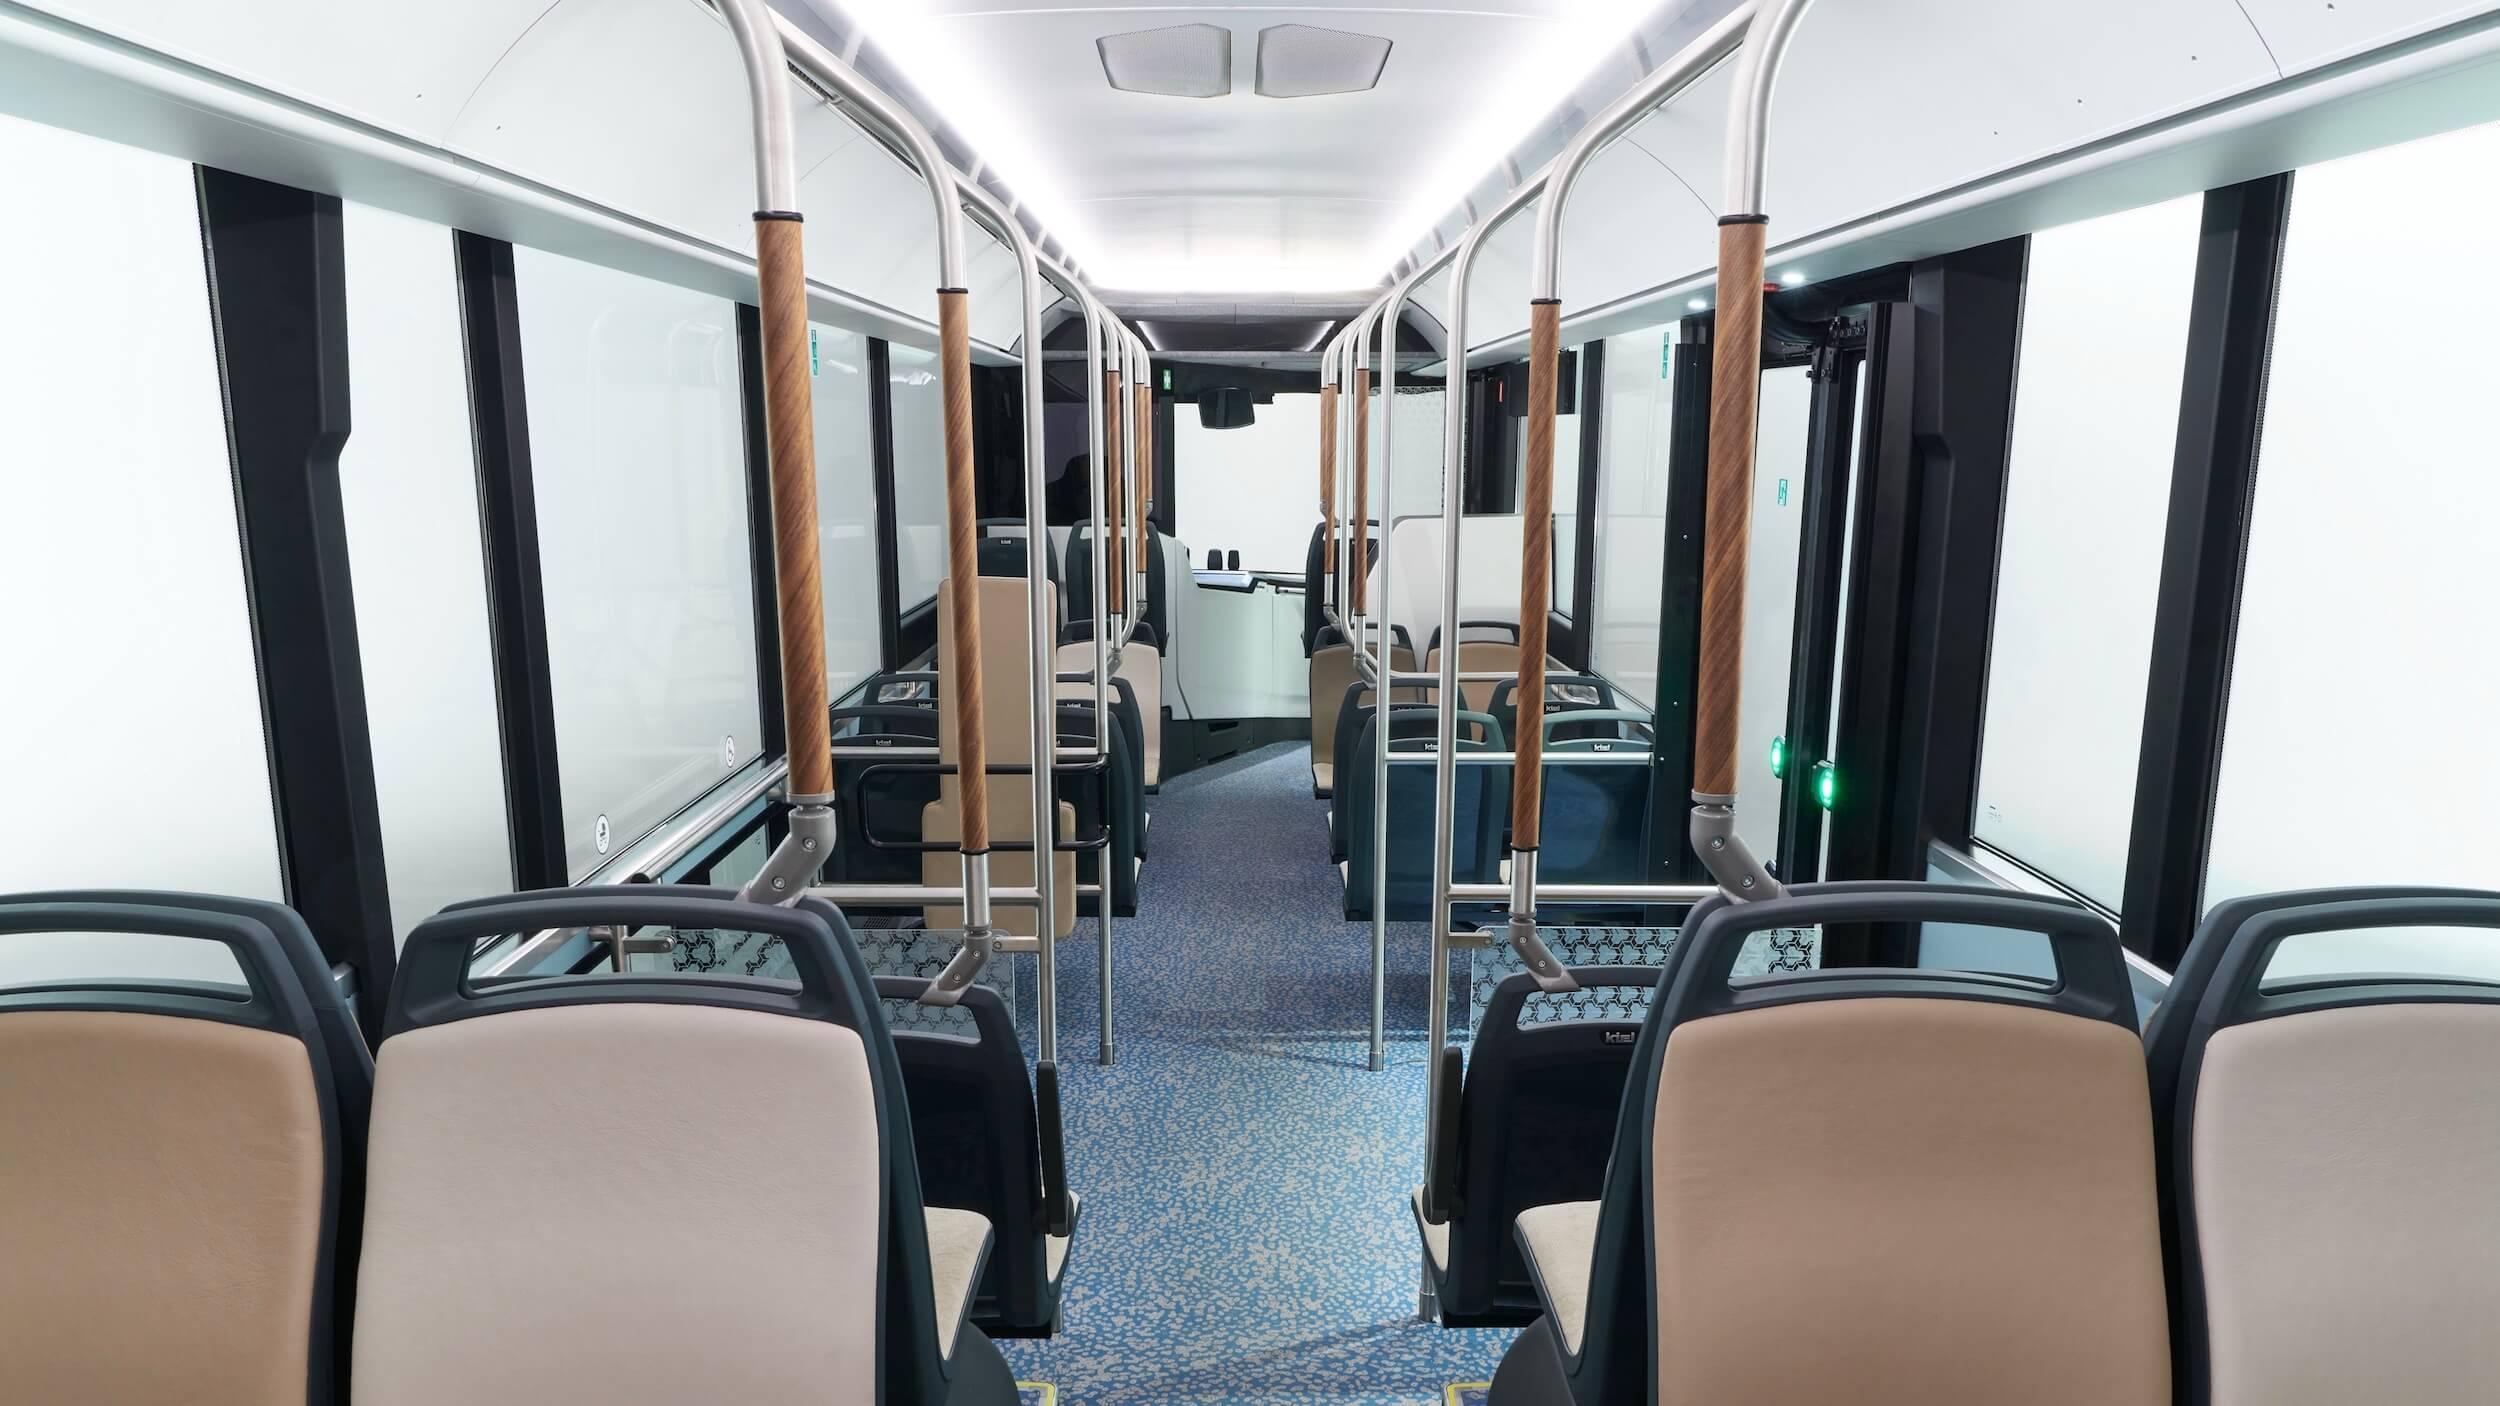 Scania e bus interieur stoelen